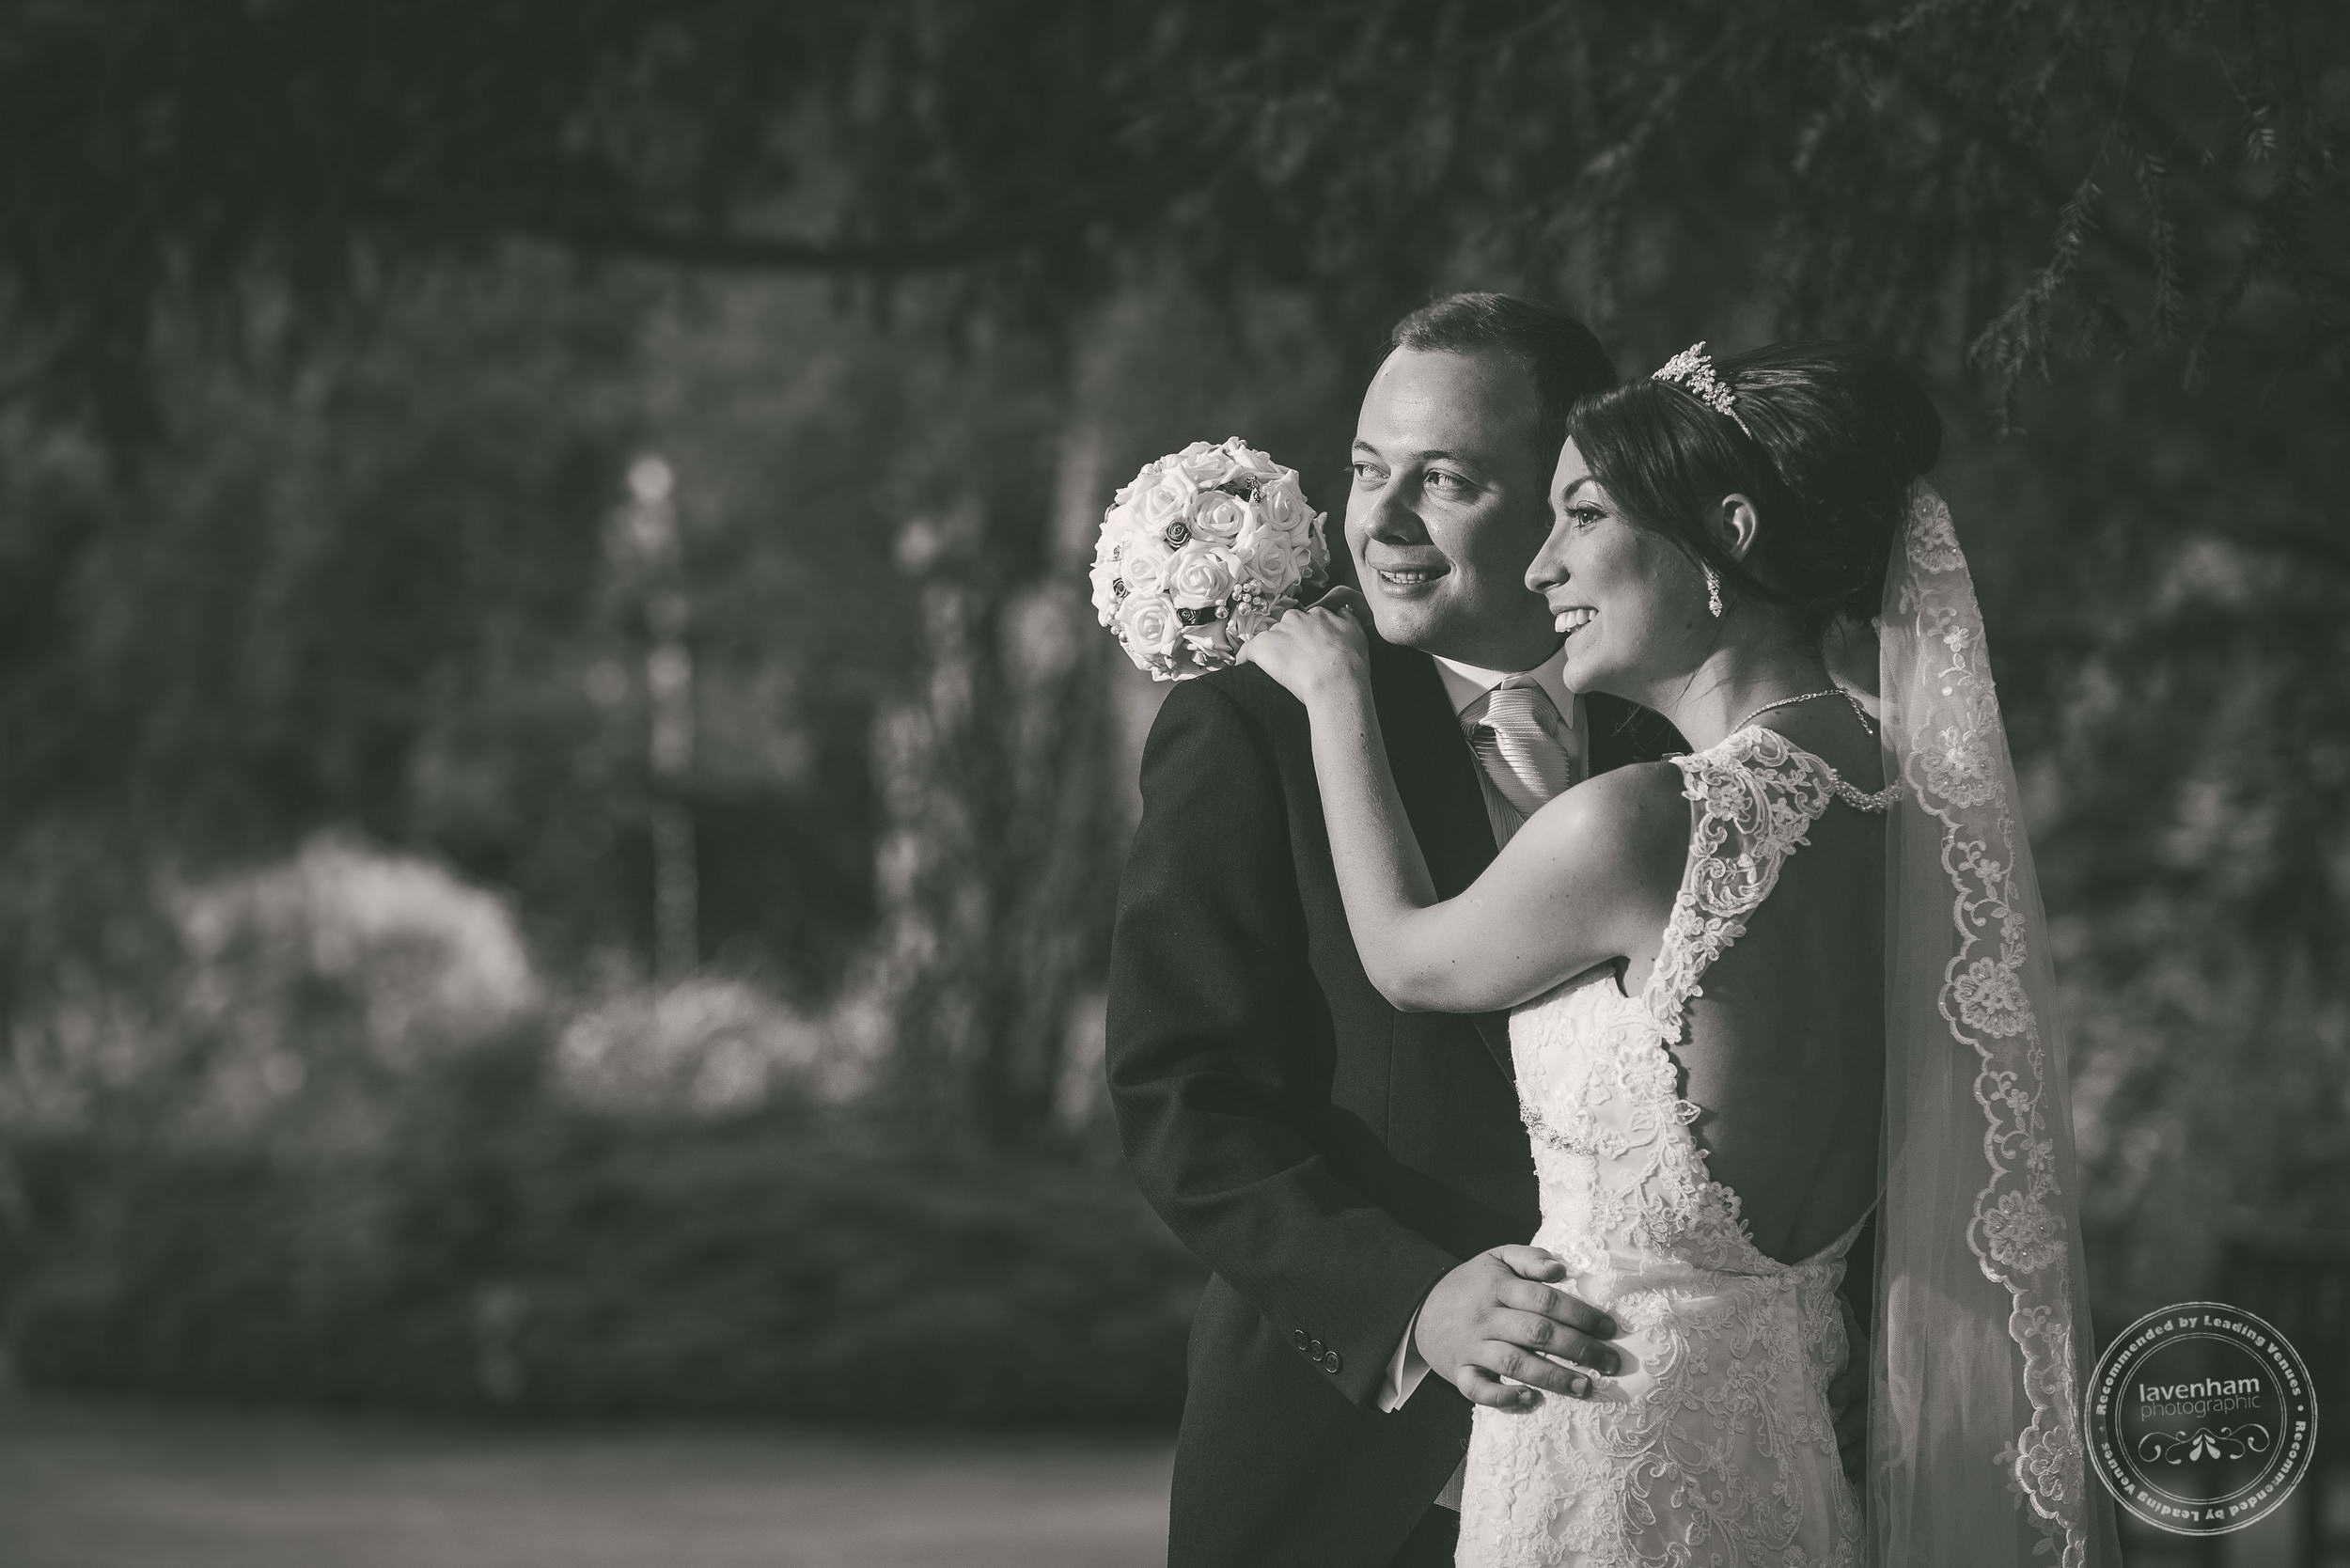 Lavenham Photographic Suffolk & Essex Wedding Photographer Best of 2015 079